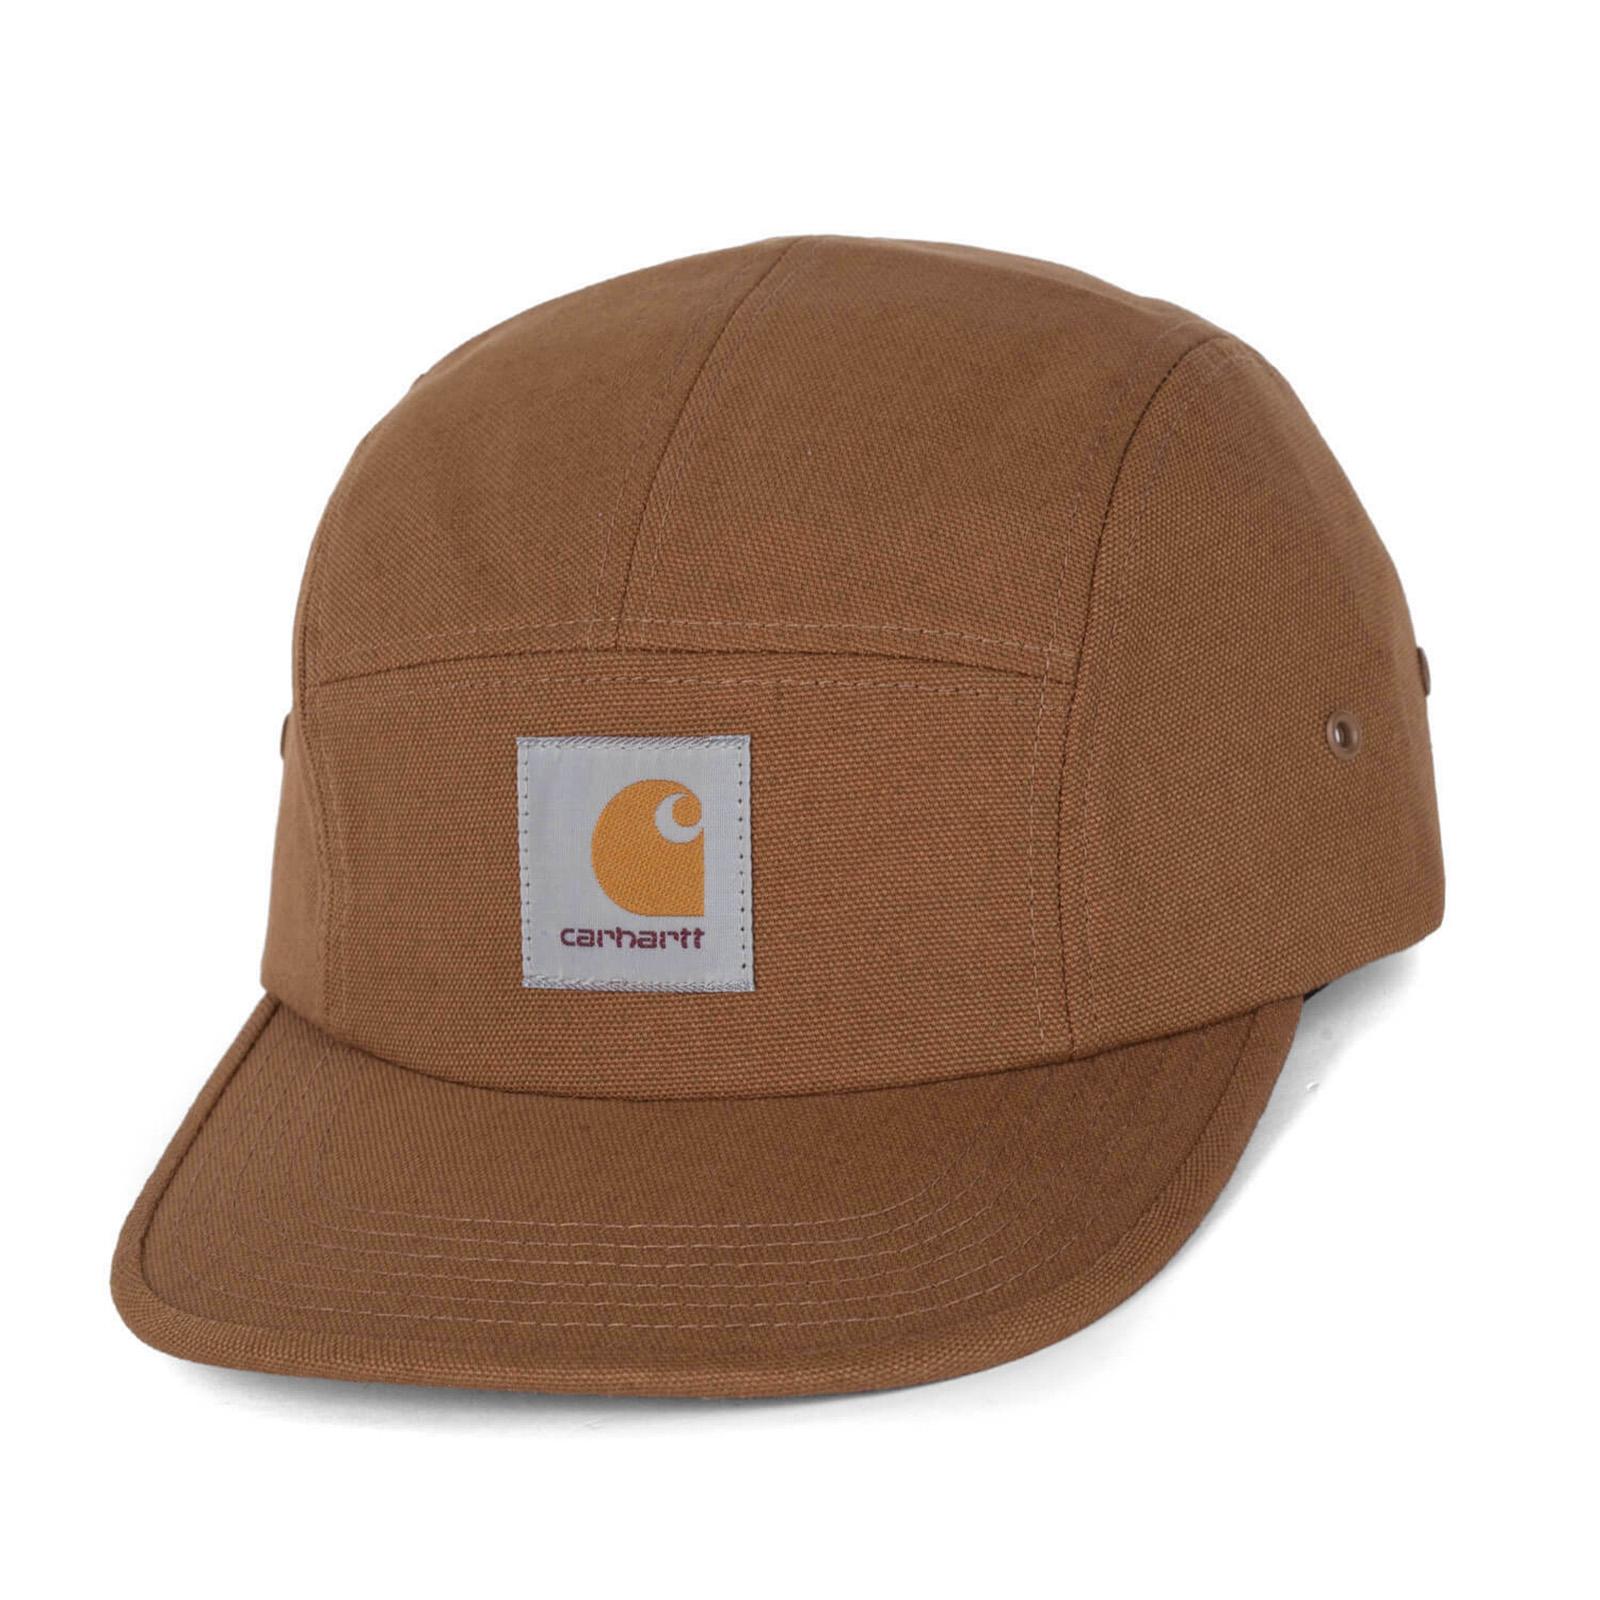 Carhartt Backley Cap Hamilton Brown - Cappellino Con Visiera Marrone ... 4e2f002897e1